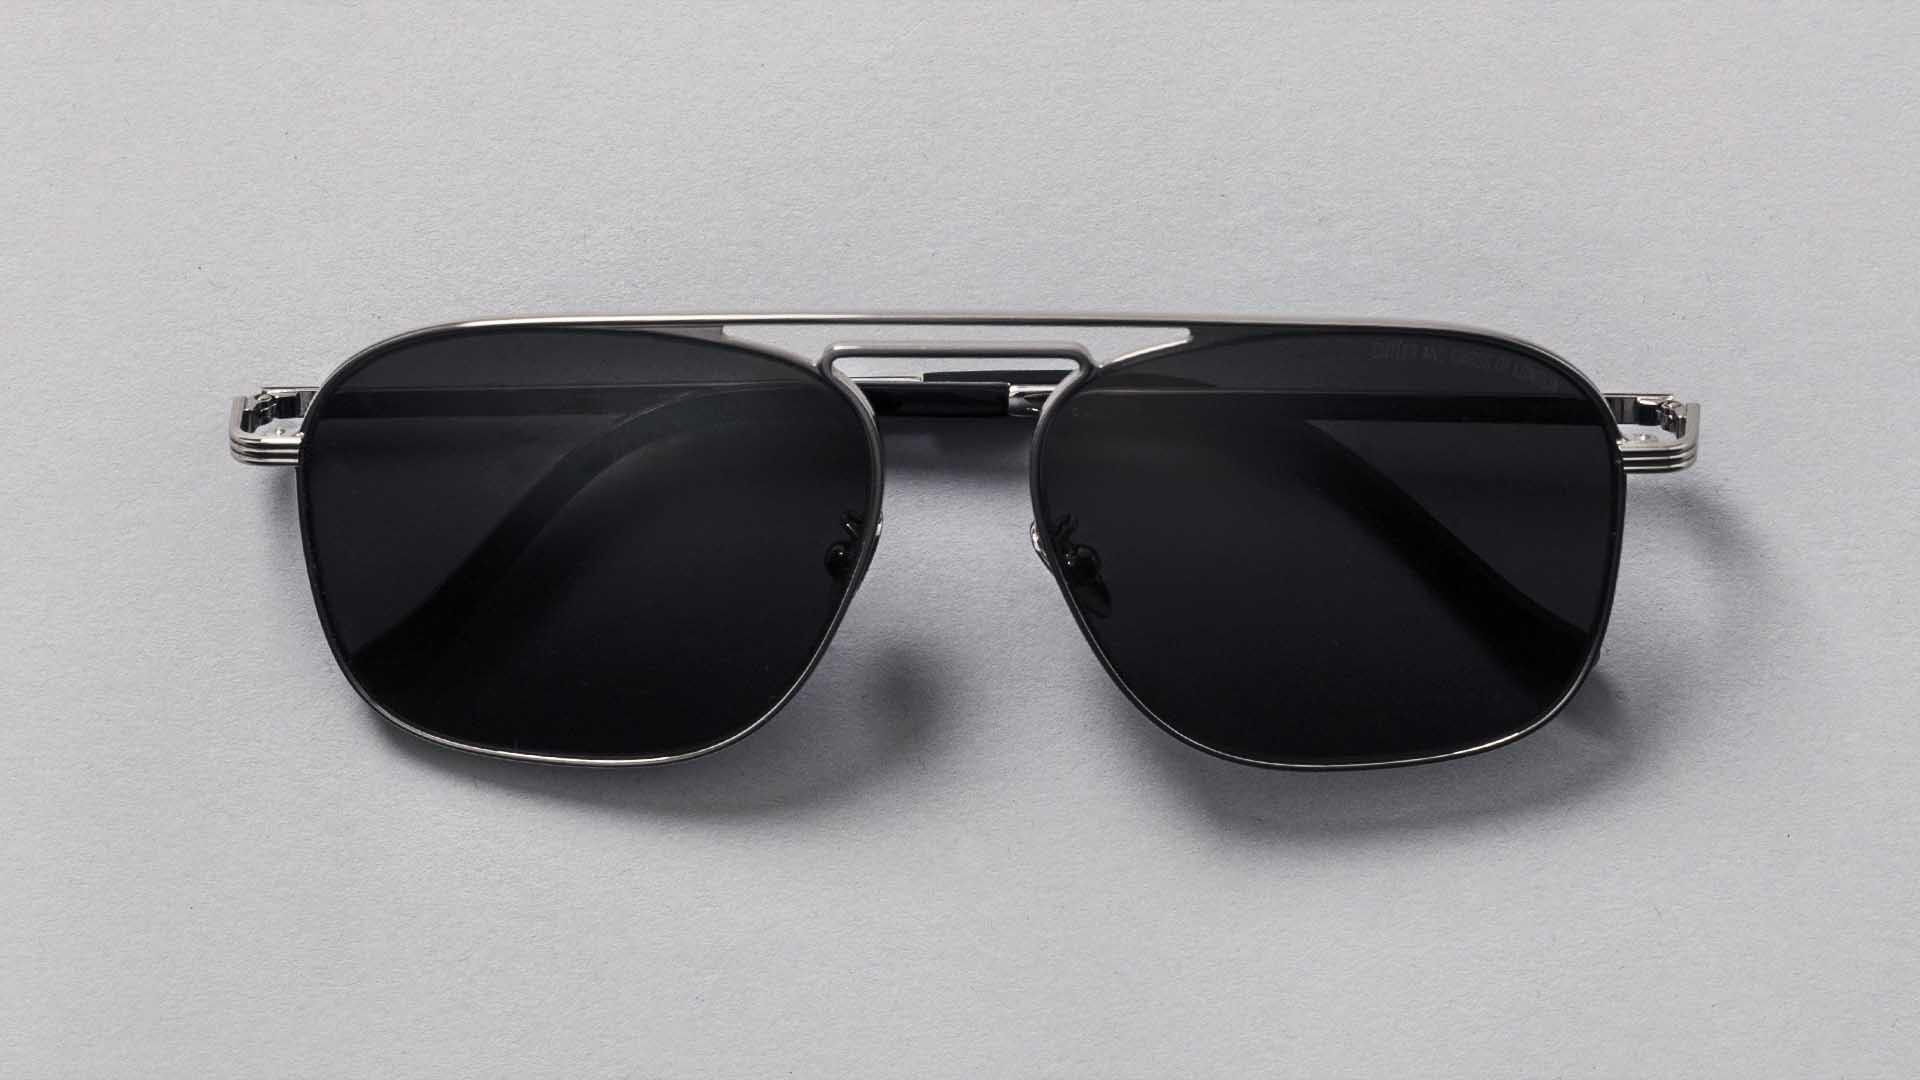 Cutler & Gross 1310-04 Gunmetal sunglasses